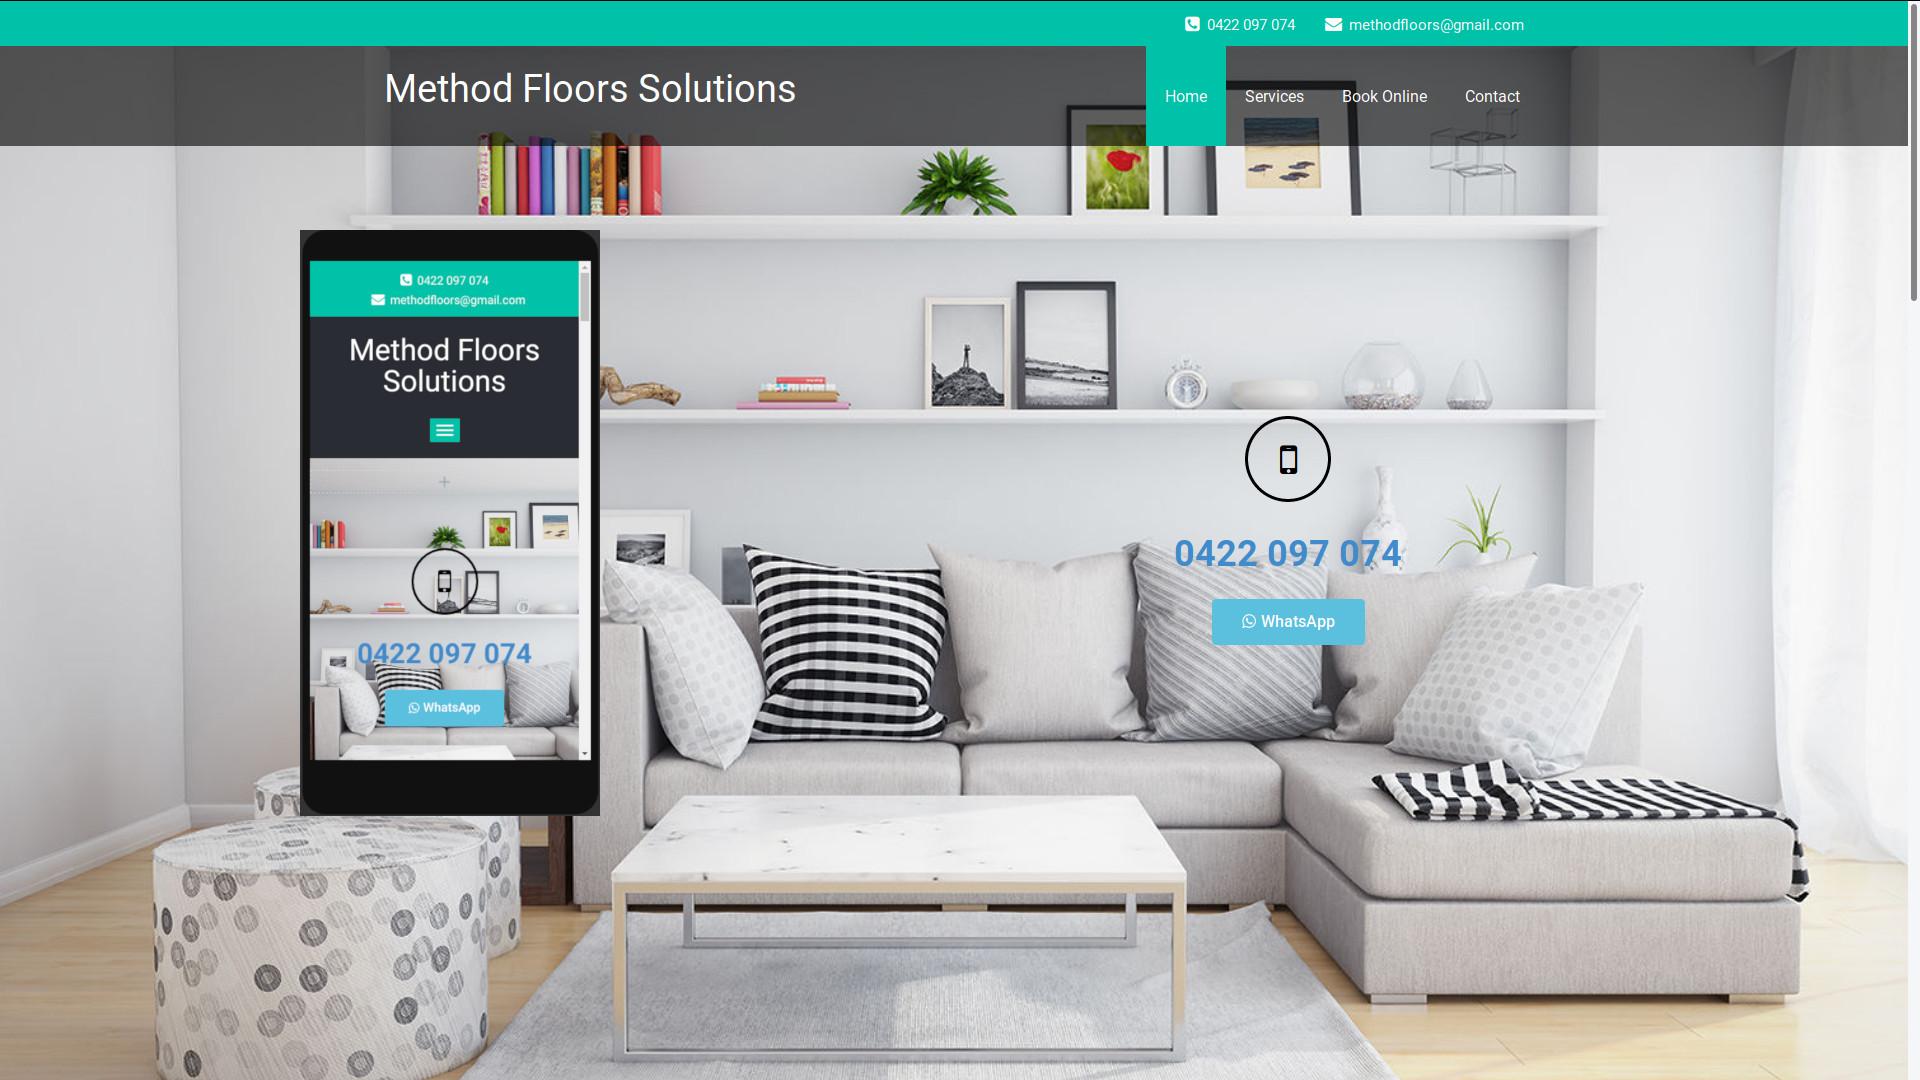 Method Floors Web Page